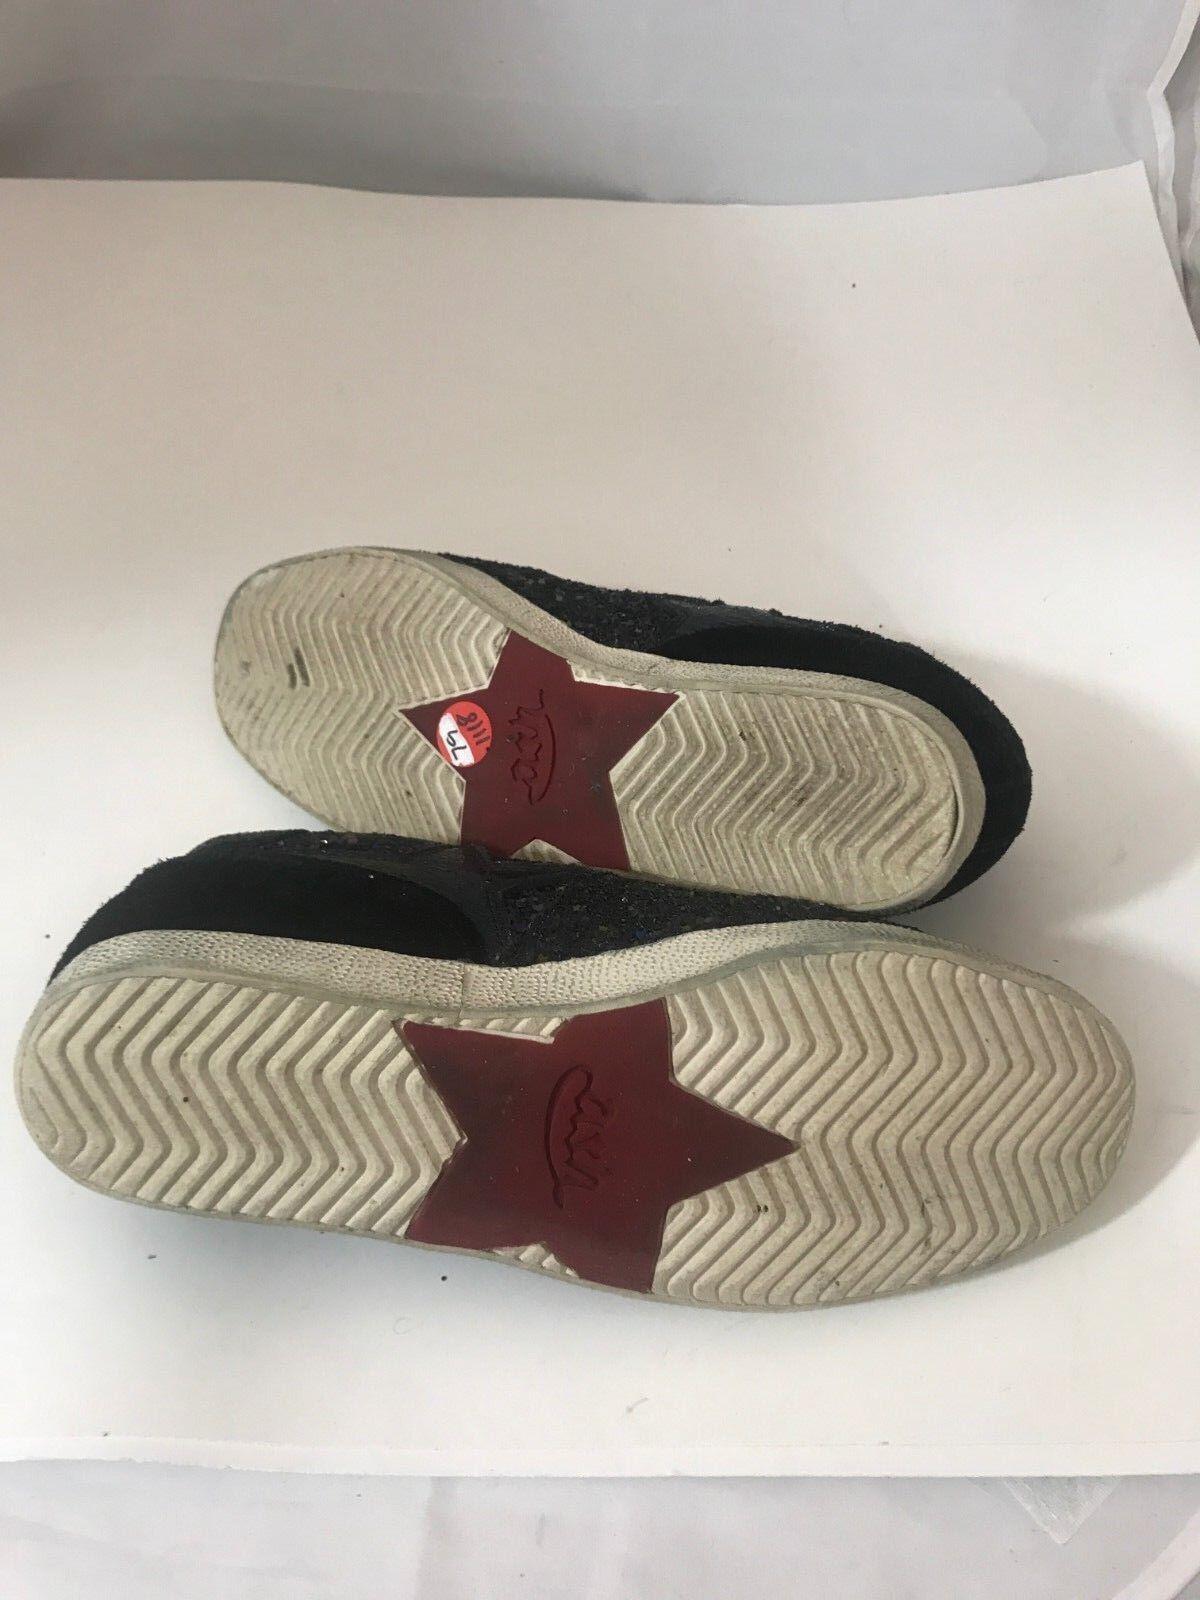 ASH 791118 nero SOFTLY SOFTLY SOFTLY GLITTER SUEDE GEUPARD scarpe da ginnastica SZ 39 08211b